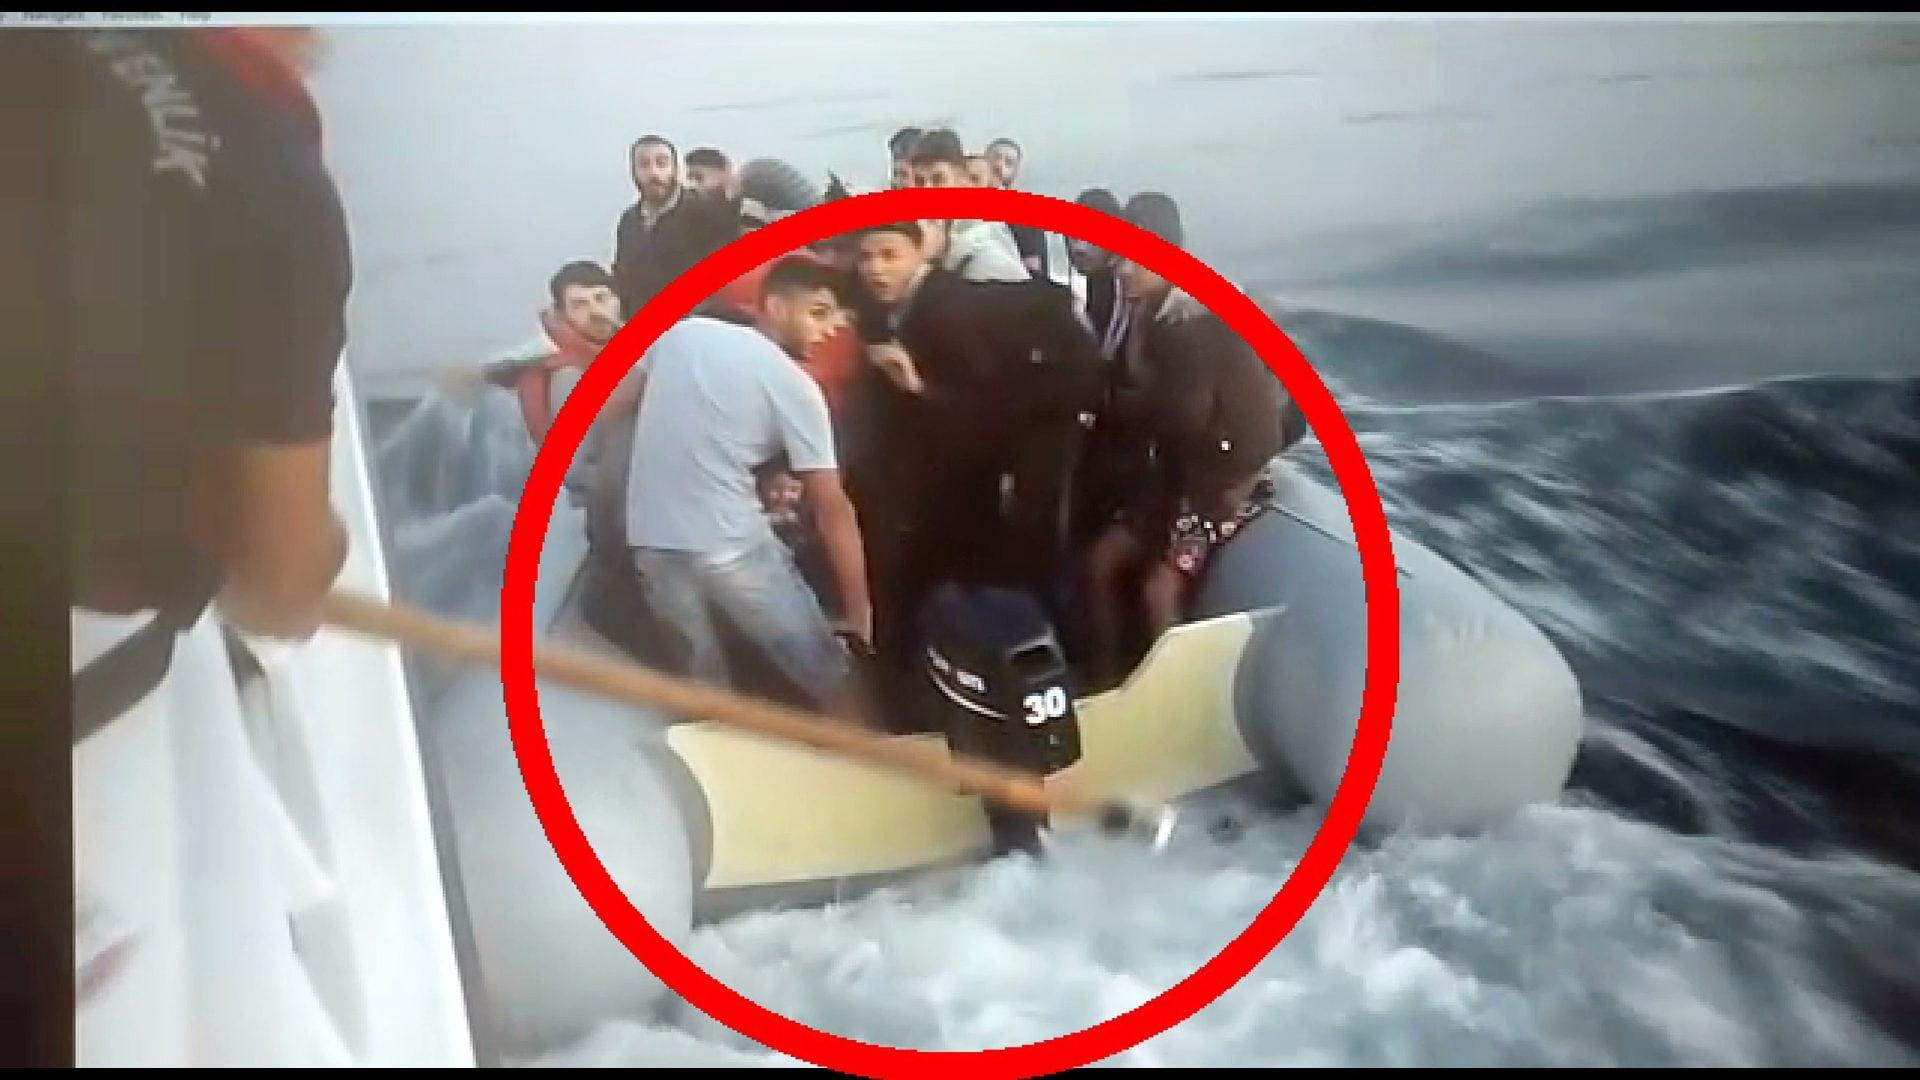 Un fotogramma del video diffuso dalle autorità turche in cui si vedono i guardacoste utilizzare mezzimarinai in legno per cercare di fermare il motore del gommone su cui viaggiano i profughi